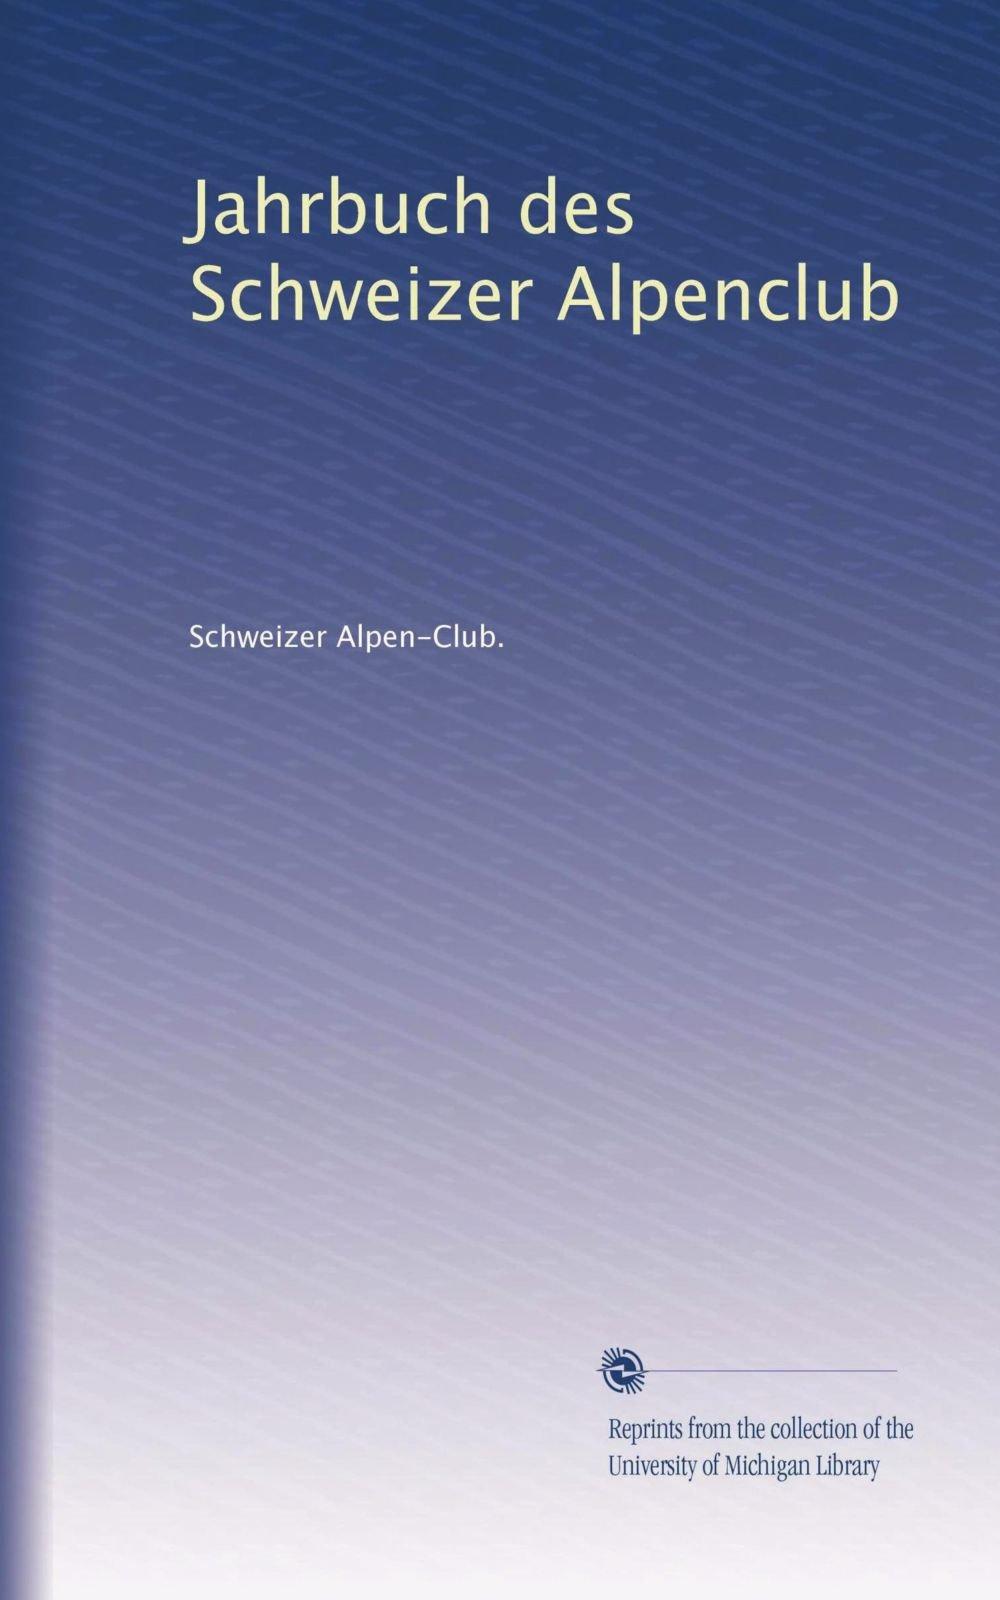 Download Jahrbuch des Schweizer Alpenclub (Volume 7) (German Edition) PDF